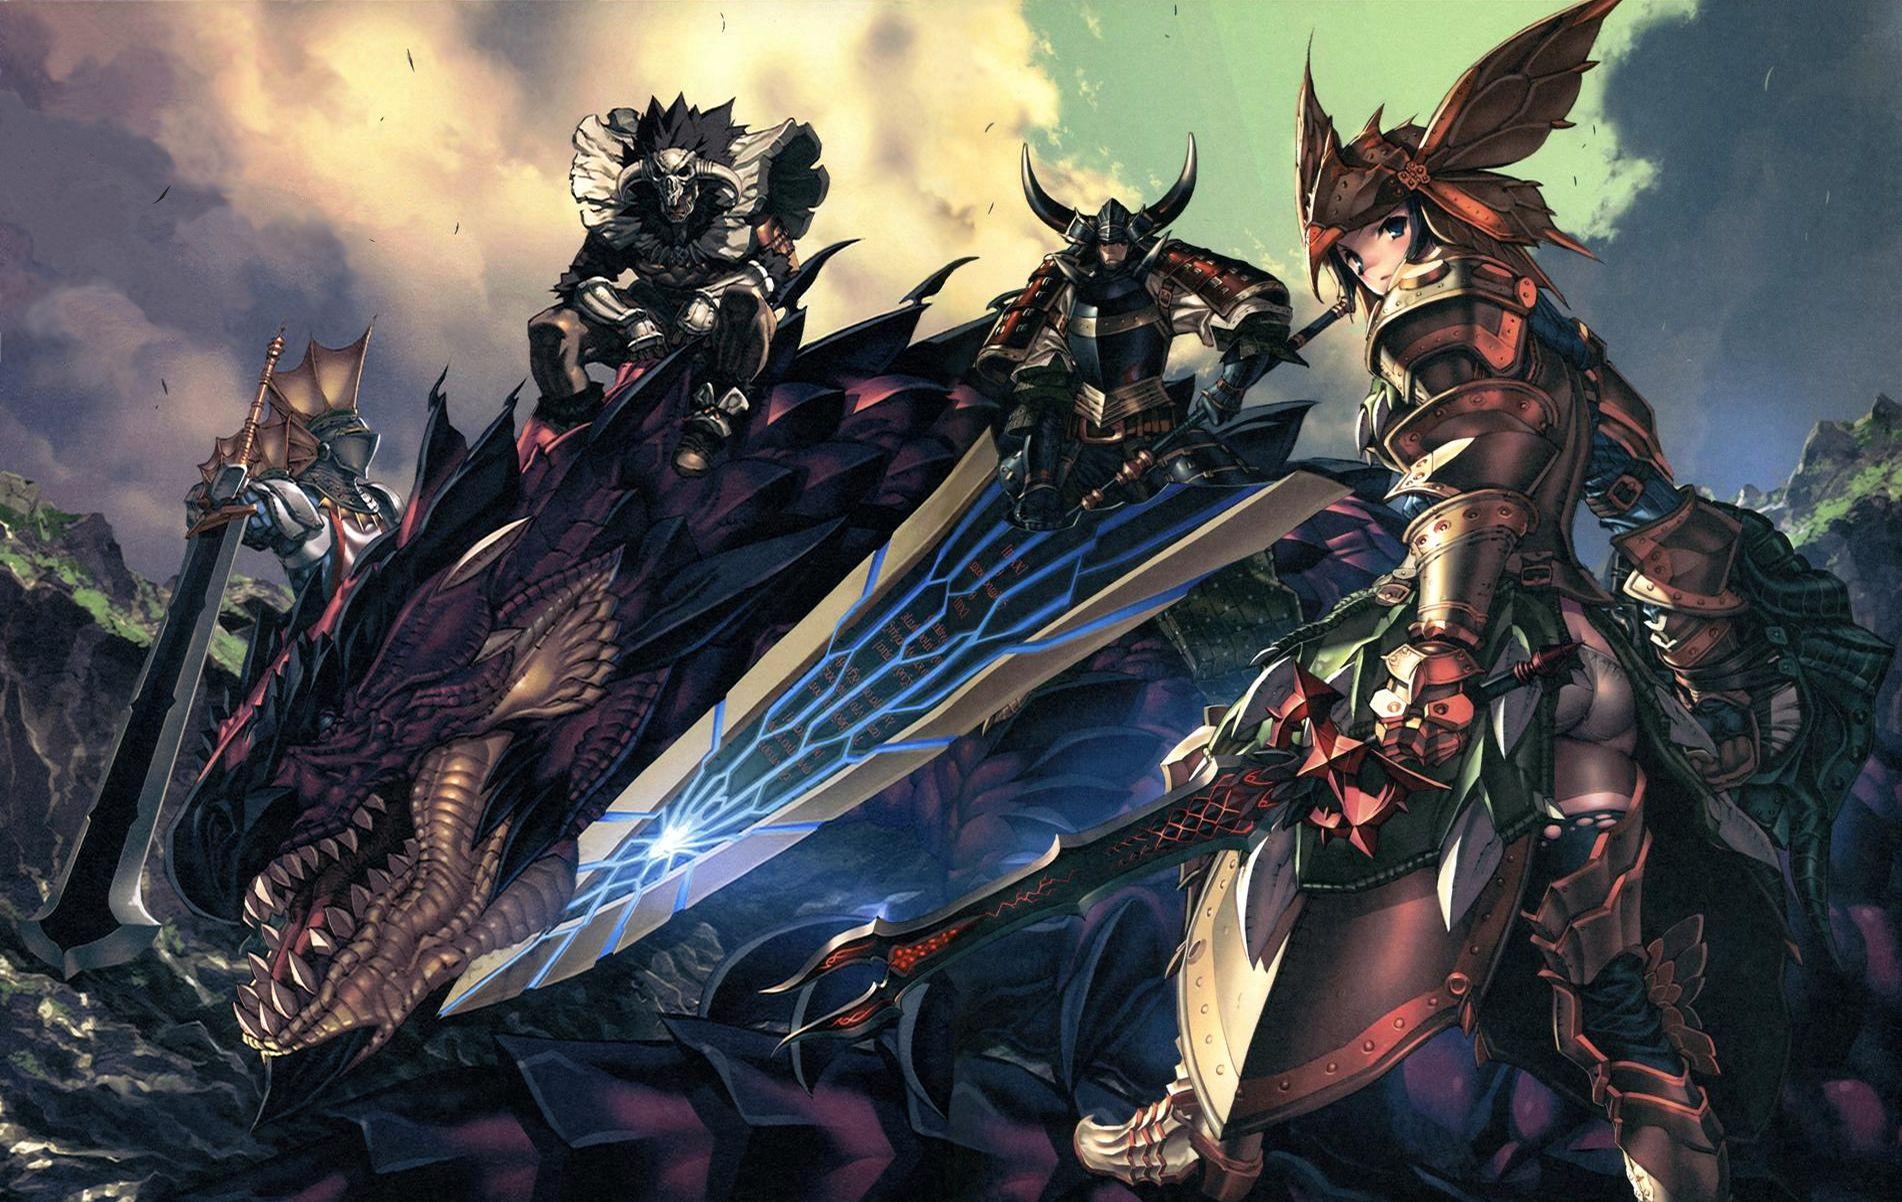 Monster Hunter Anime Wallpaper 1902x1202 34524 Wallpaperup